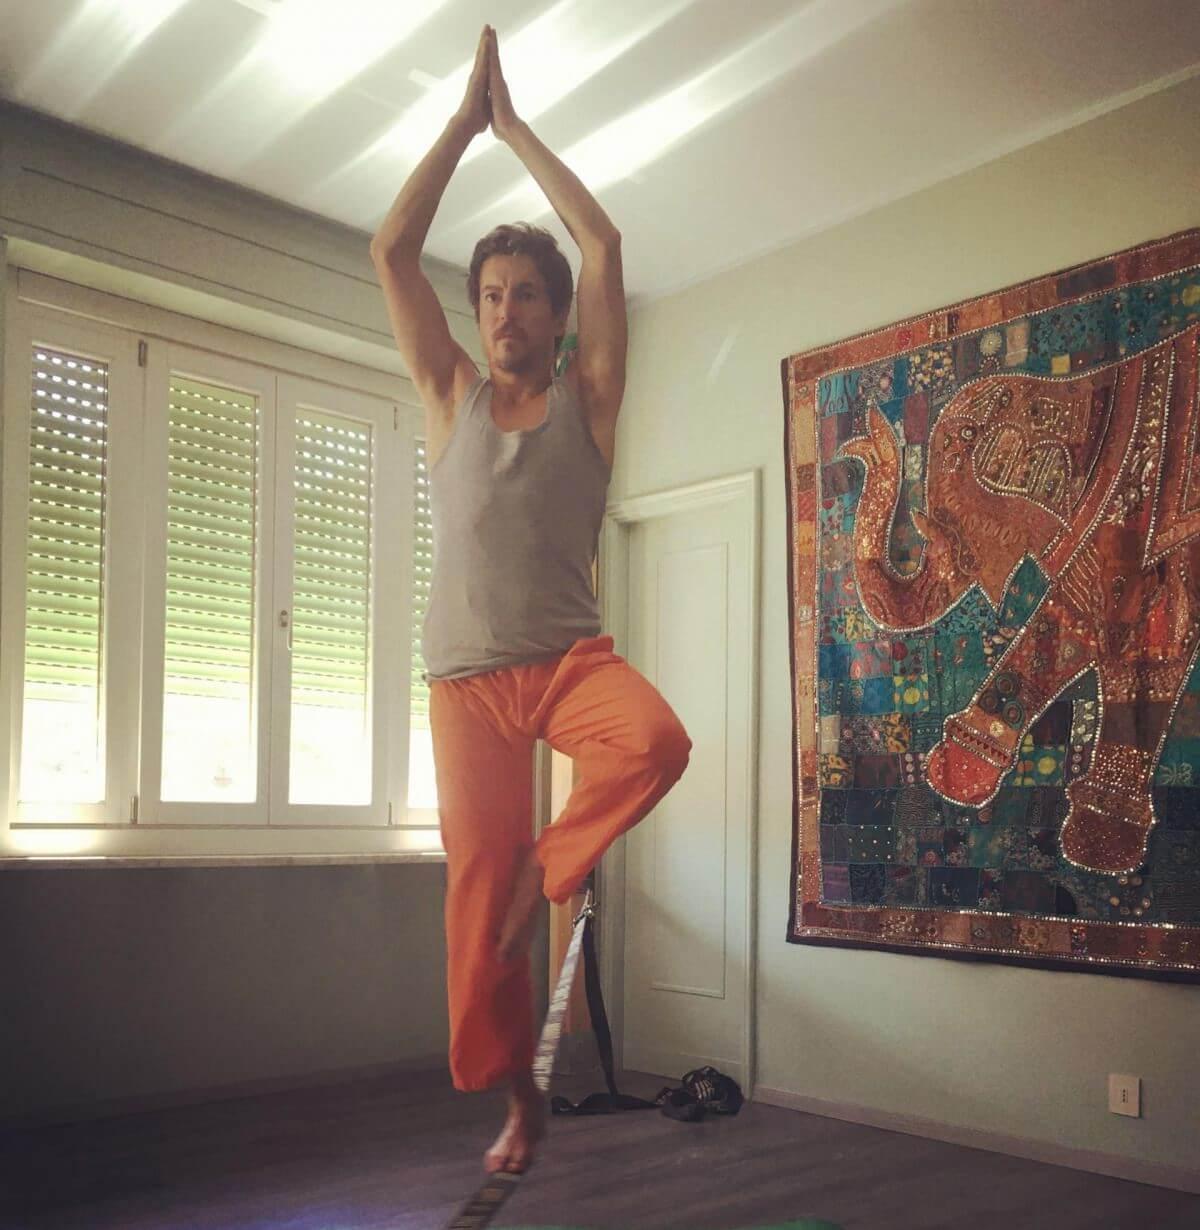 yoga lezione private - Devanagari - Centro Yoga Aosta